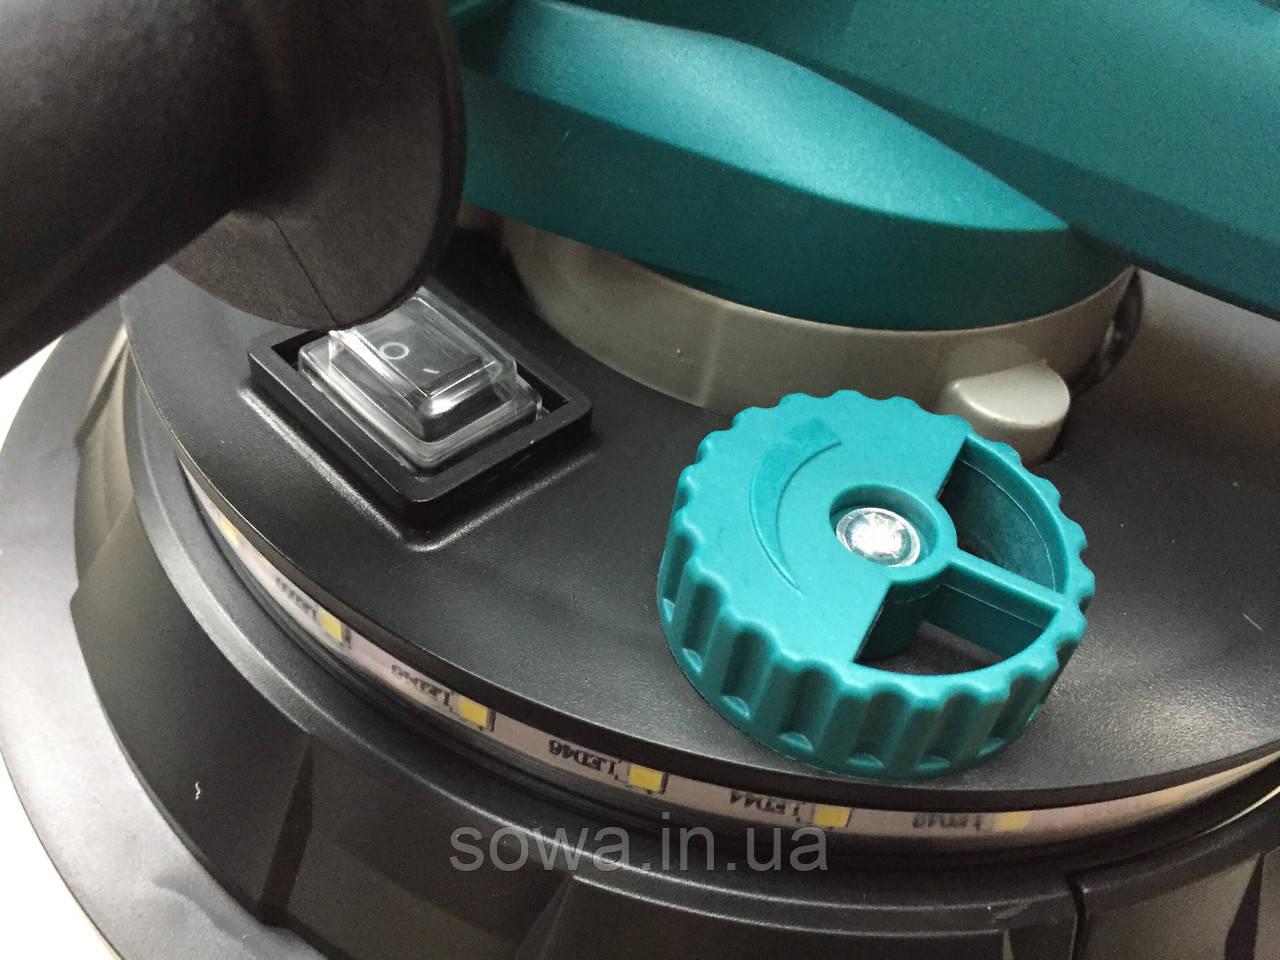 Шлифовальная машина по штукатурке AL-FA ALDWS15 с подсветкой - фото 4